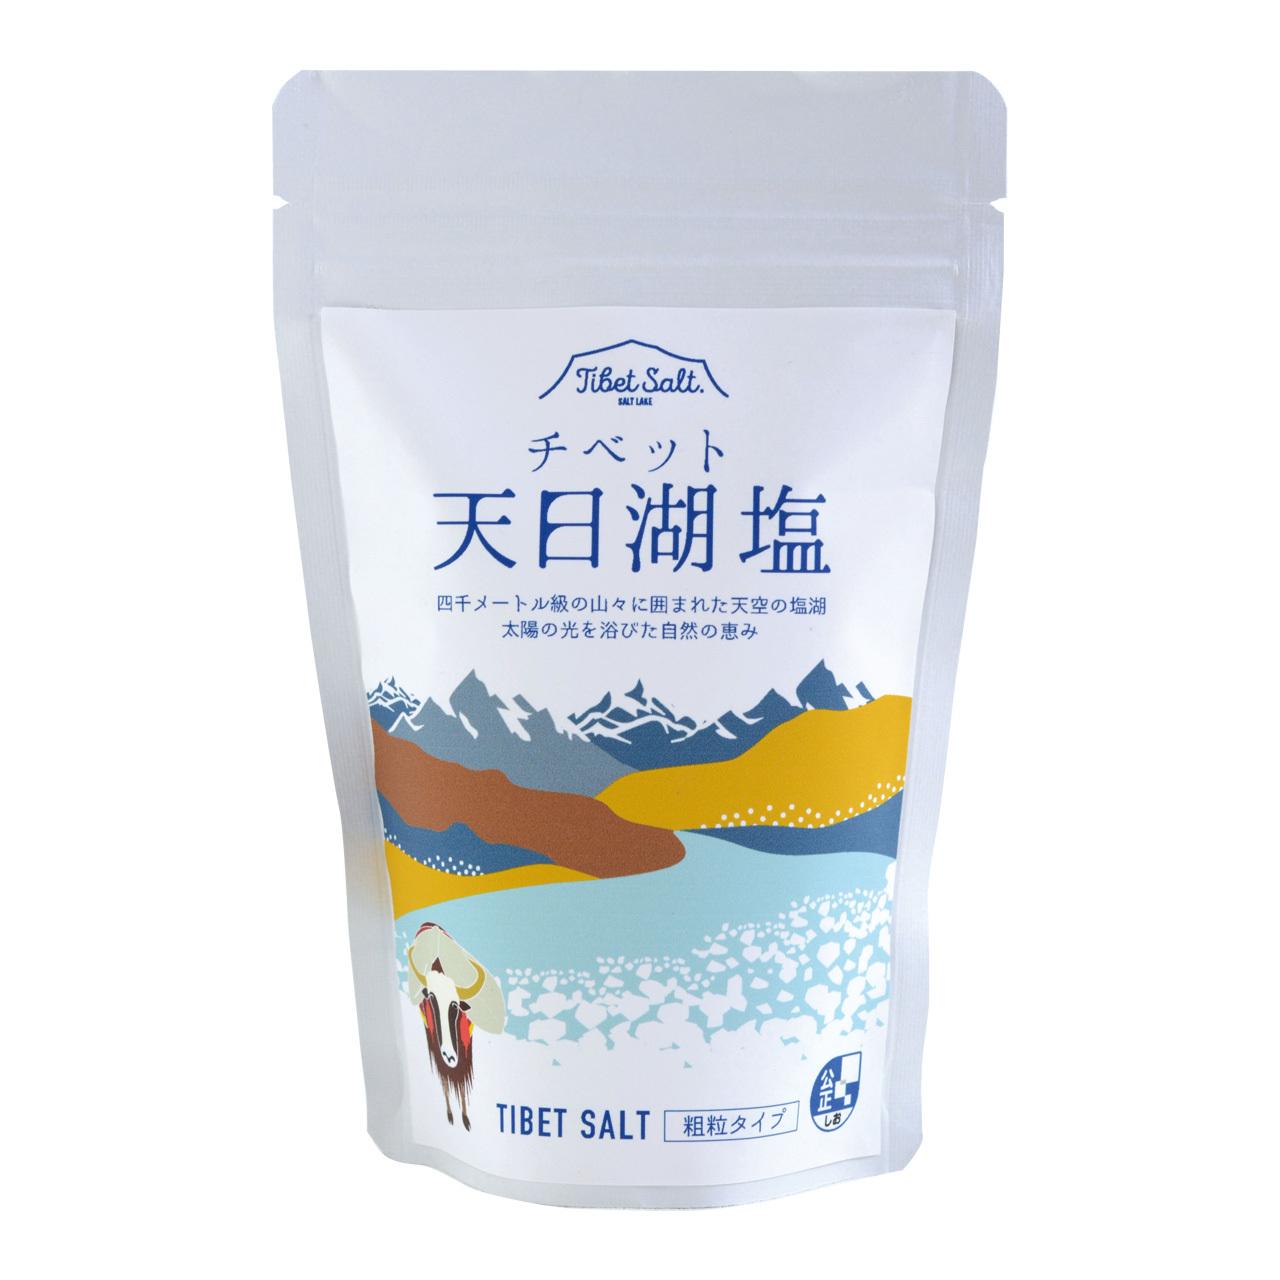 チベット天日湖塩 300g(粗塩タイプ) ※チベットの雪華リニュール!